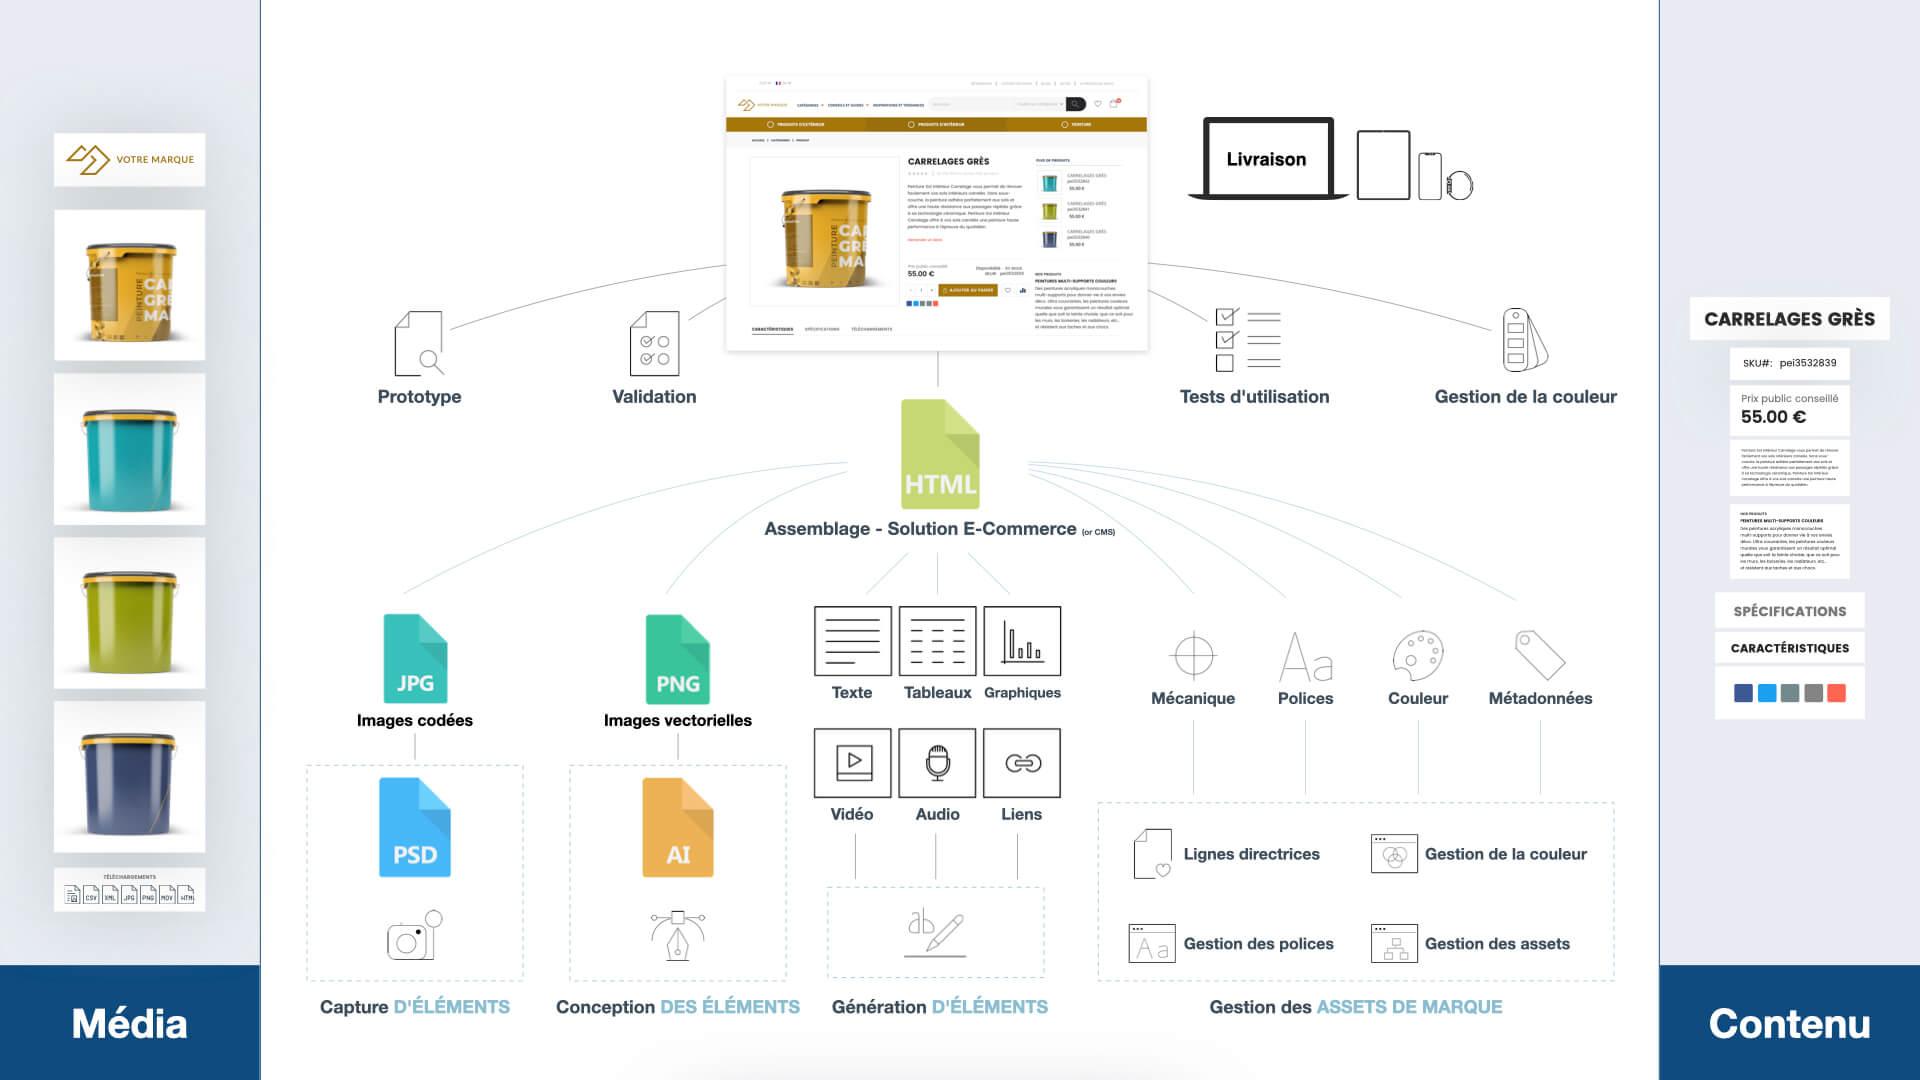 Toutes vos données d'entreprise gérées au sein d'un référentiel unique : le master data management